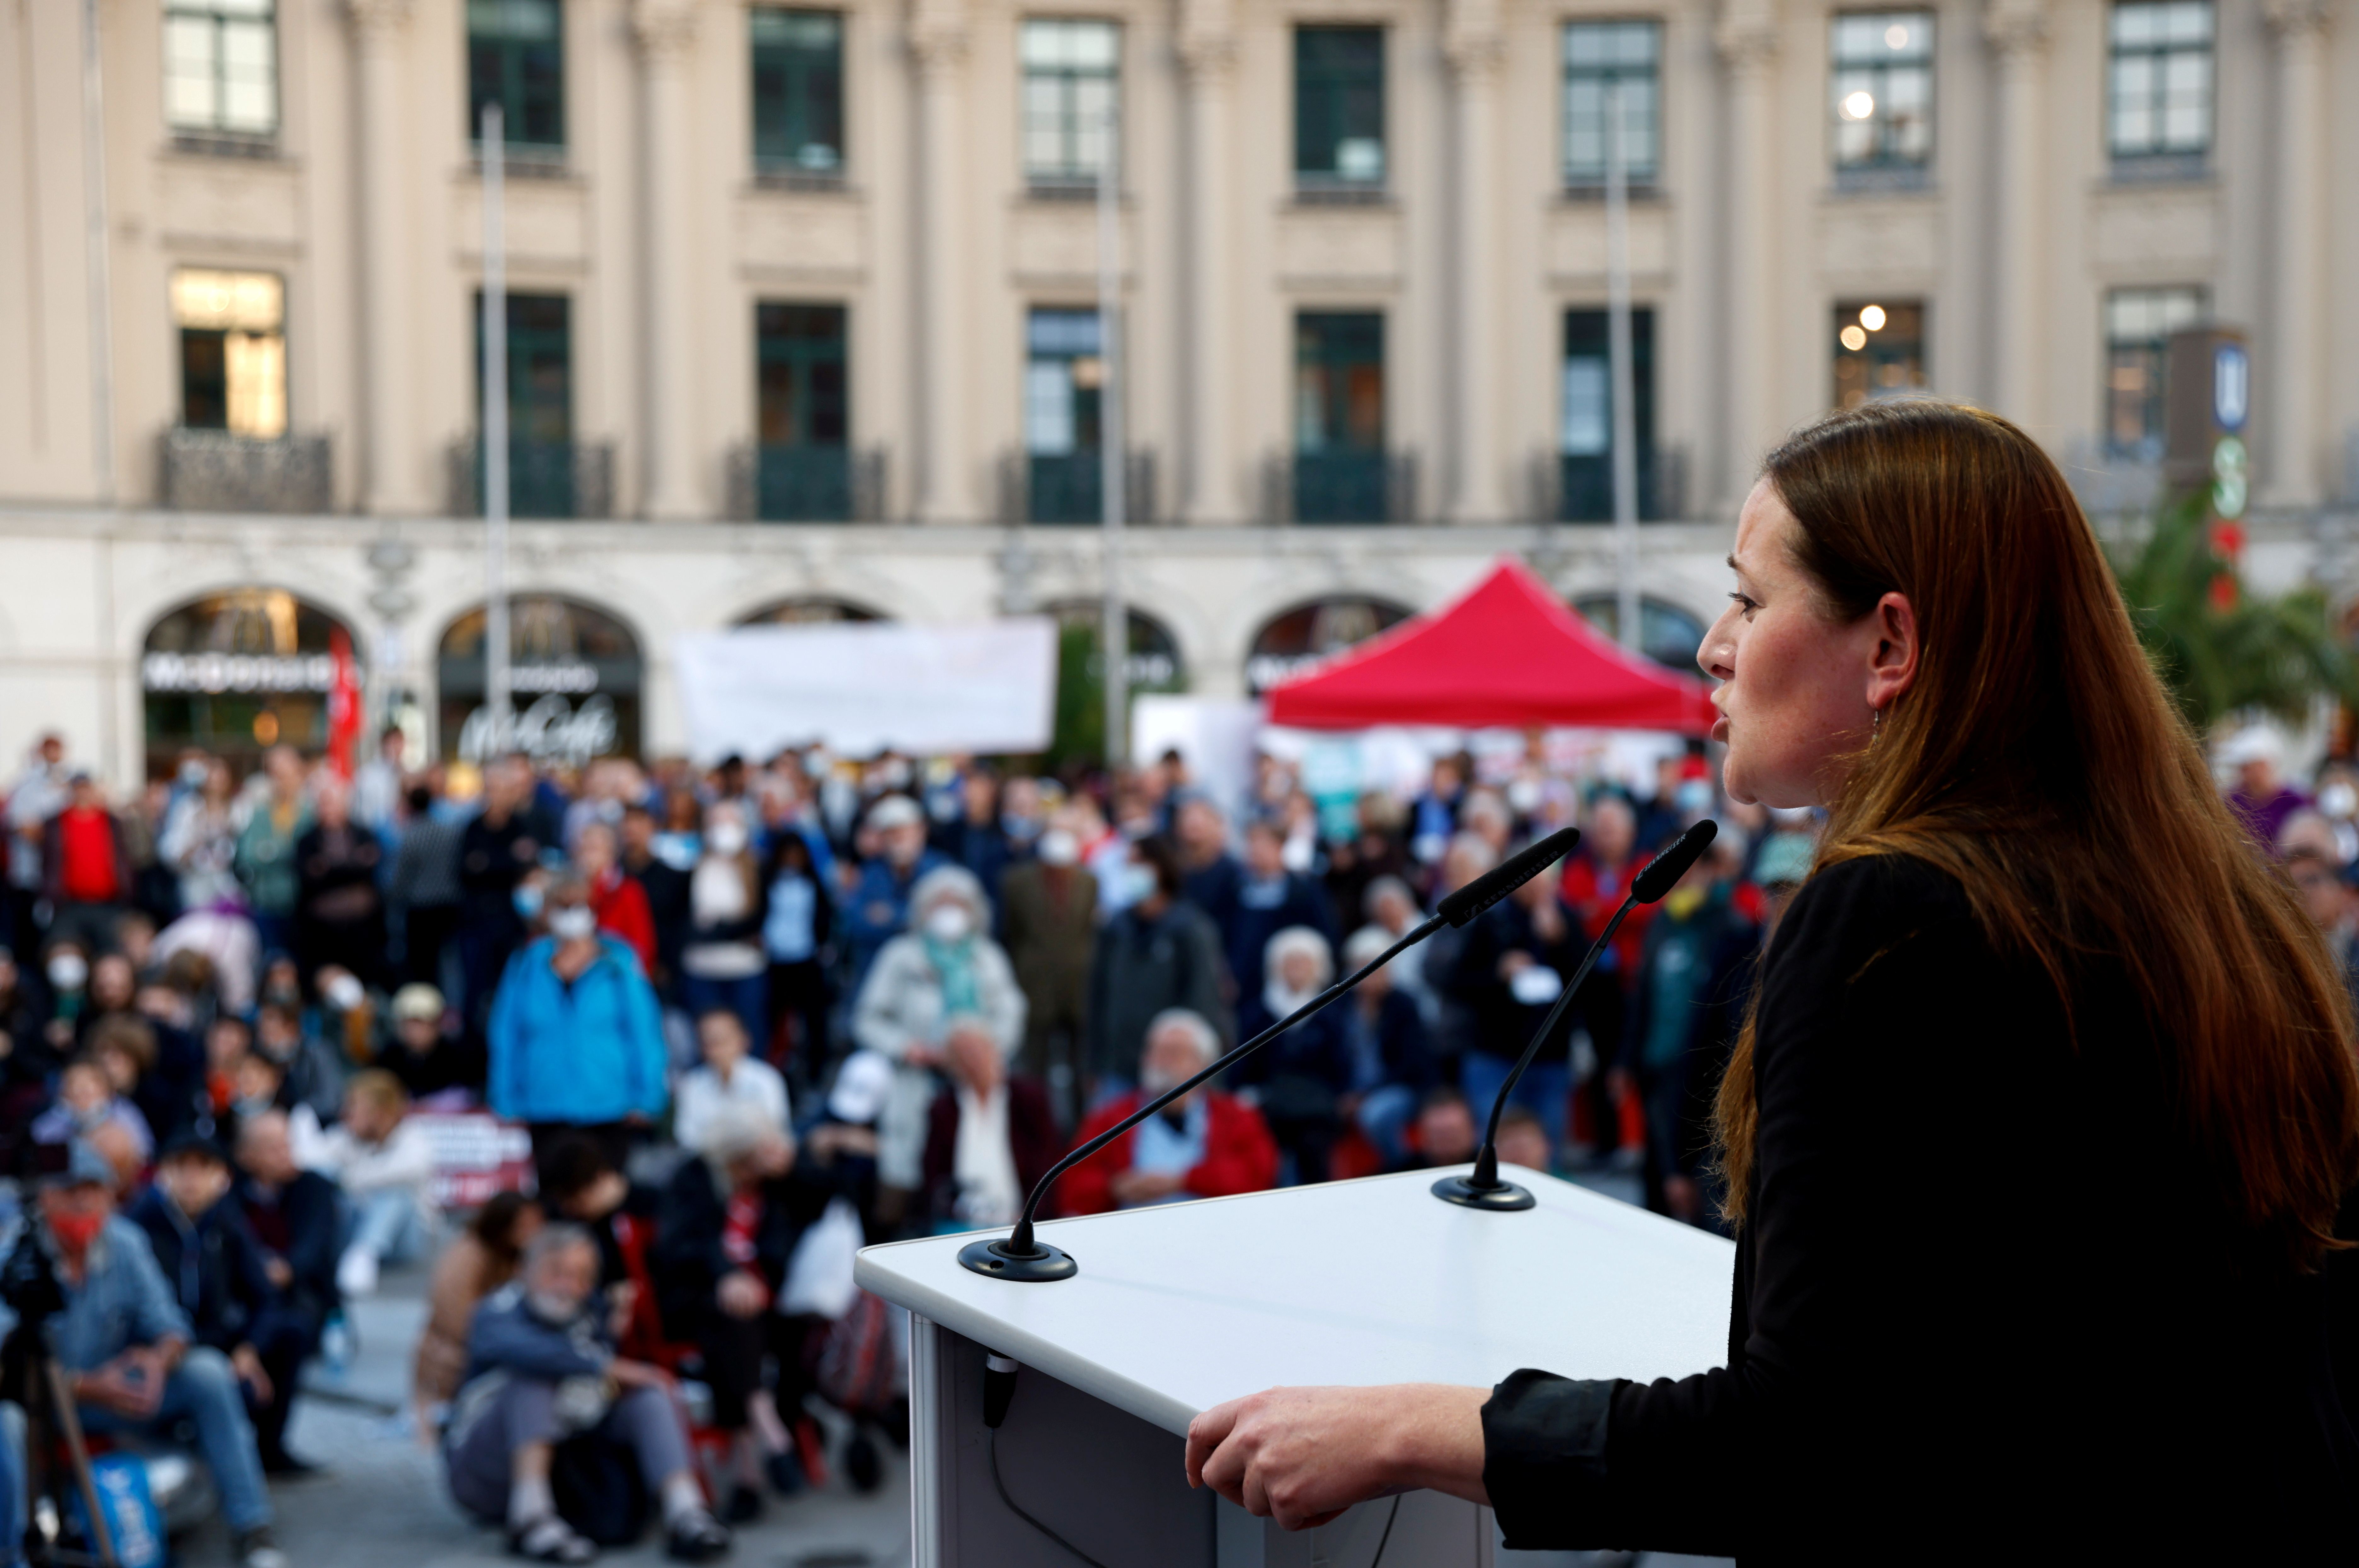 Saksan vasemmistopuolueen johtaja Die Linke Janine Wissler, huippuehdokas syyskuun vaaleissa, kampanjat Münchenissä, Saksassa, 17. syyskuuta 2021. REUTERS/Michaela Rehle/File Photo